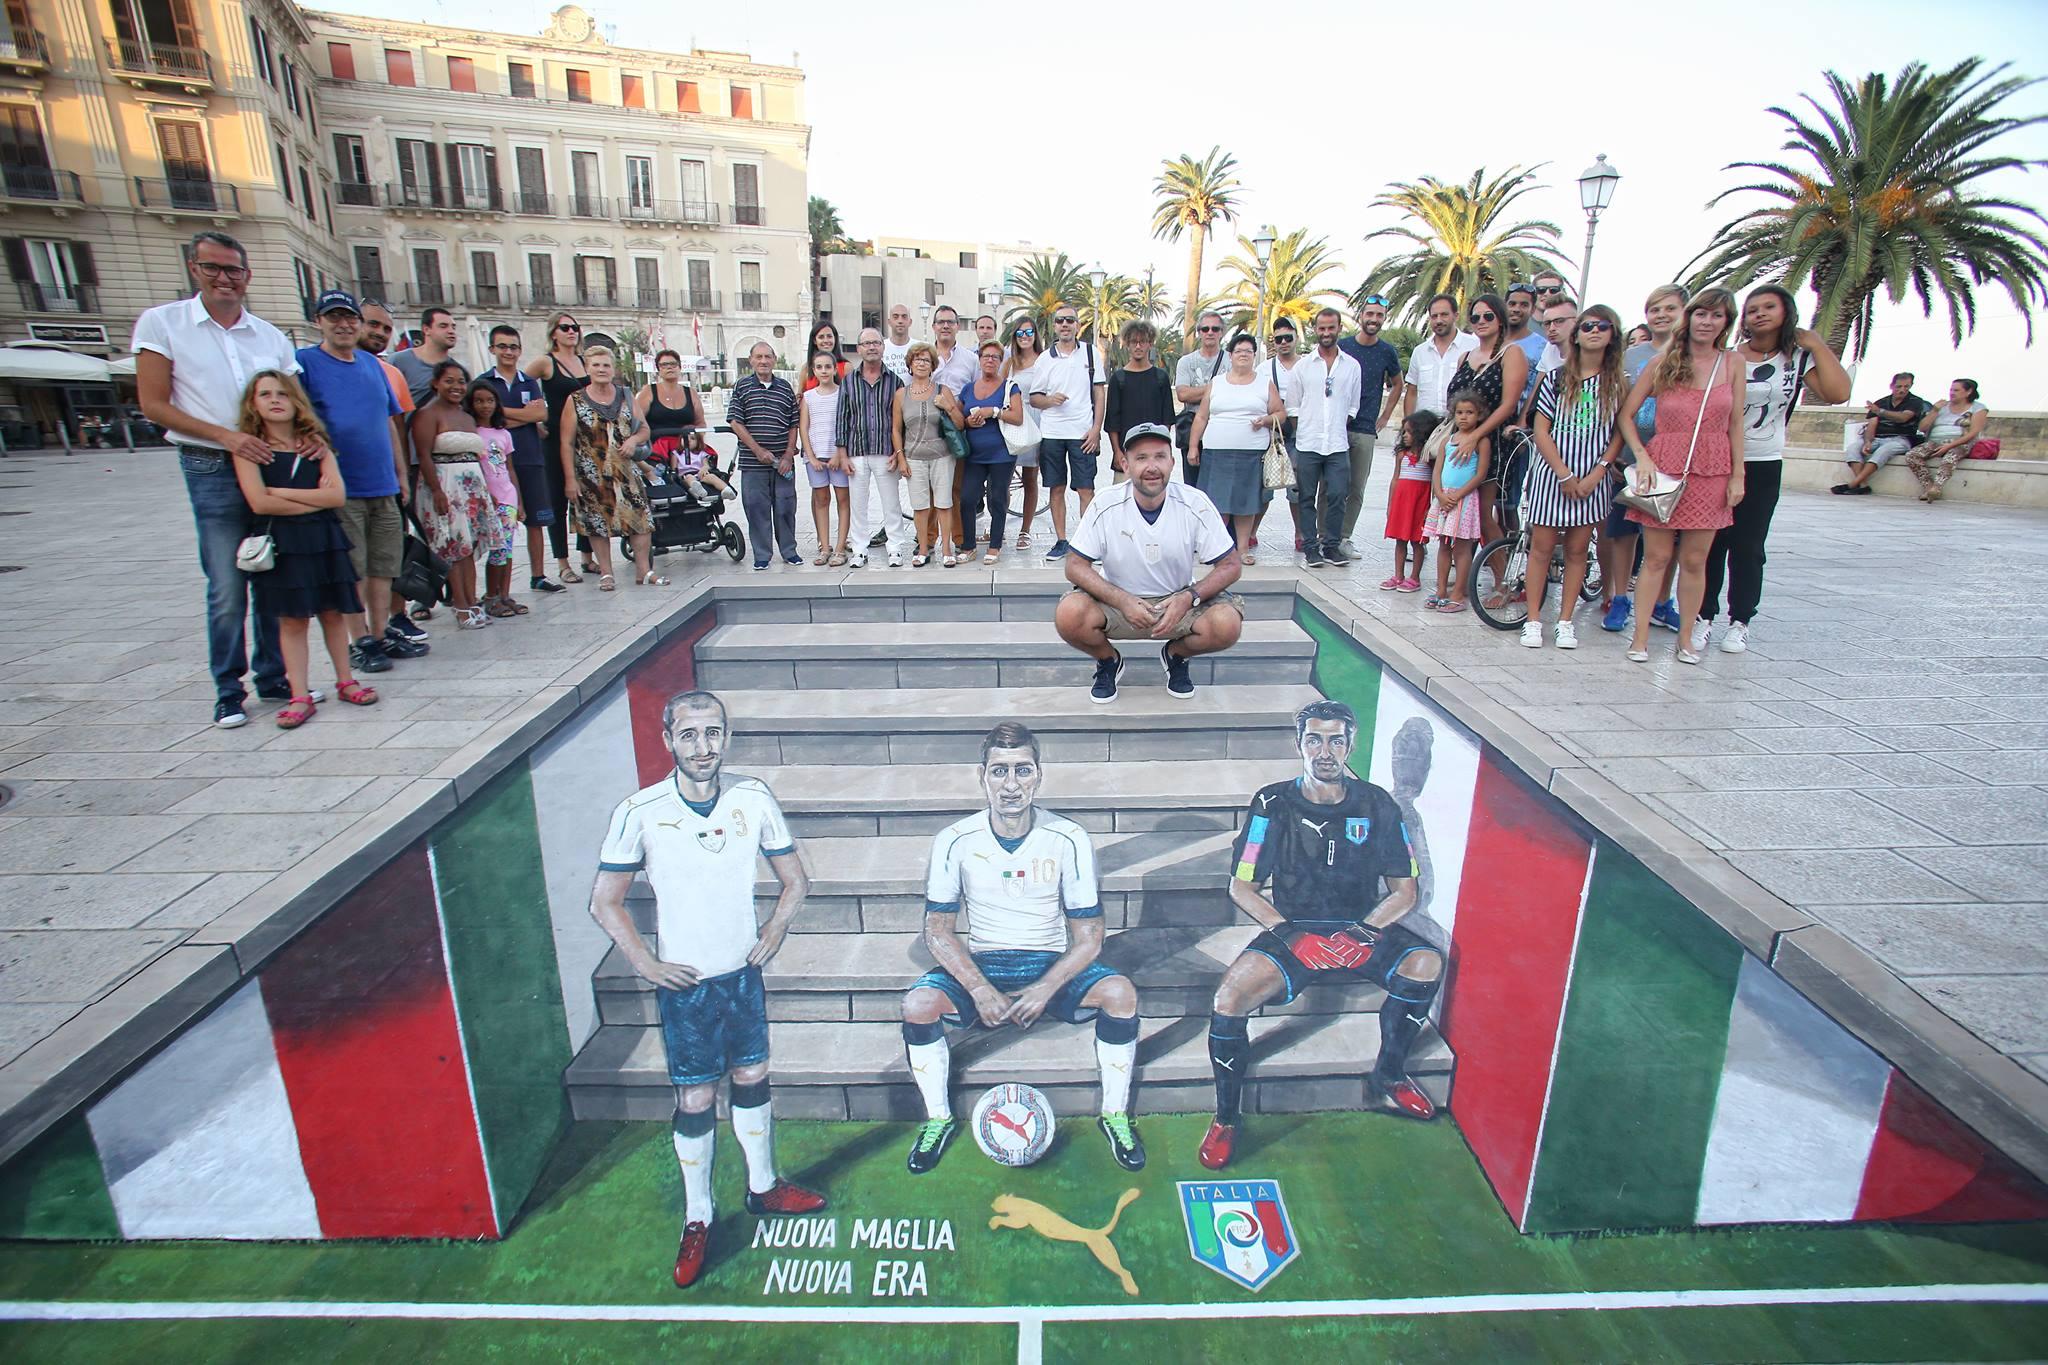 Nazionale, presentata da Figc e Puma la nuova maglia da trasferta